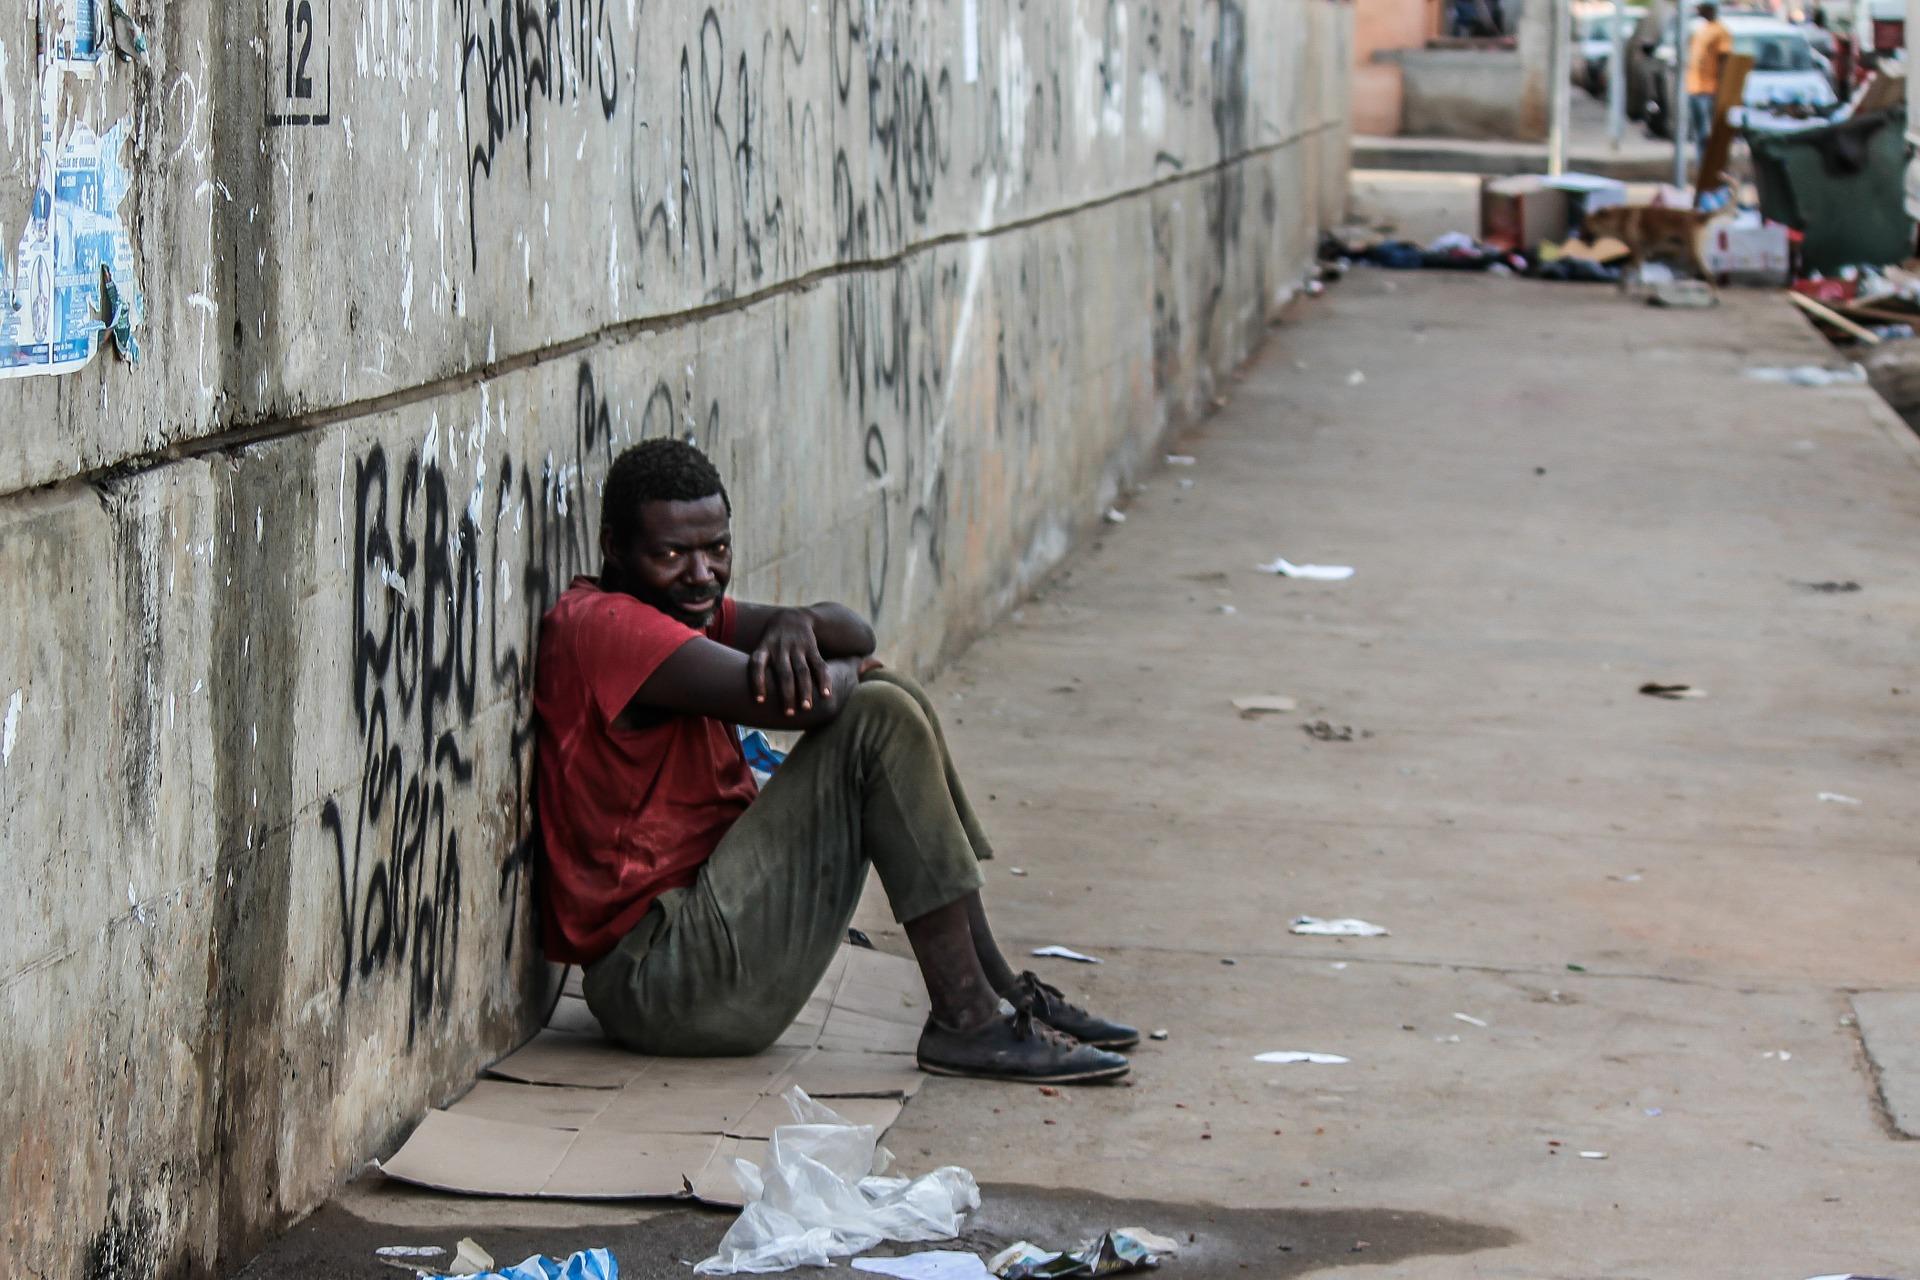 世界における飢餓人口と、その割合は?